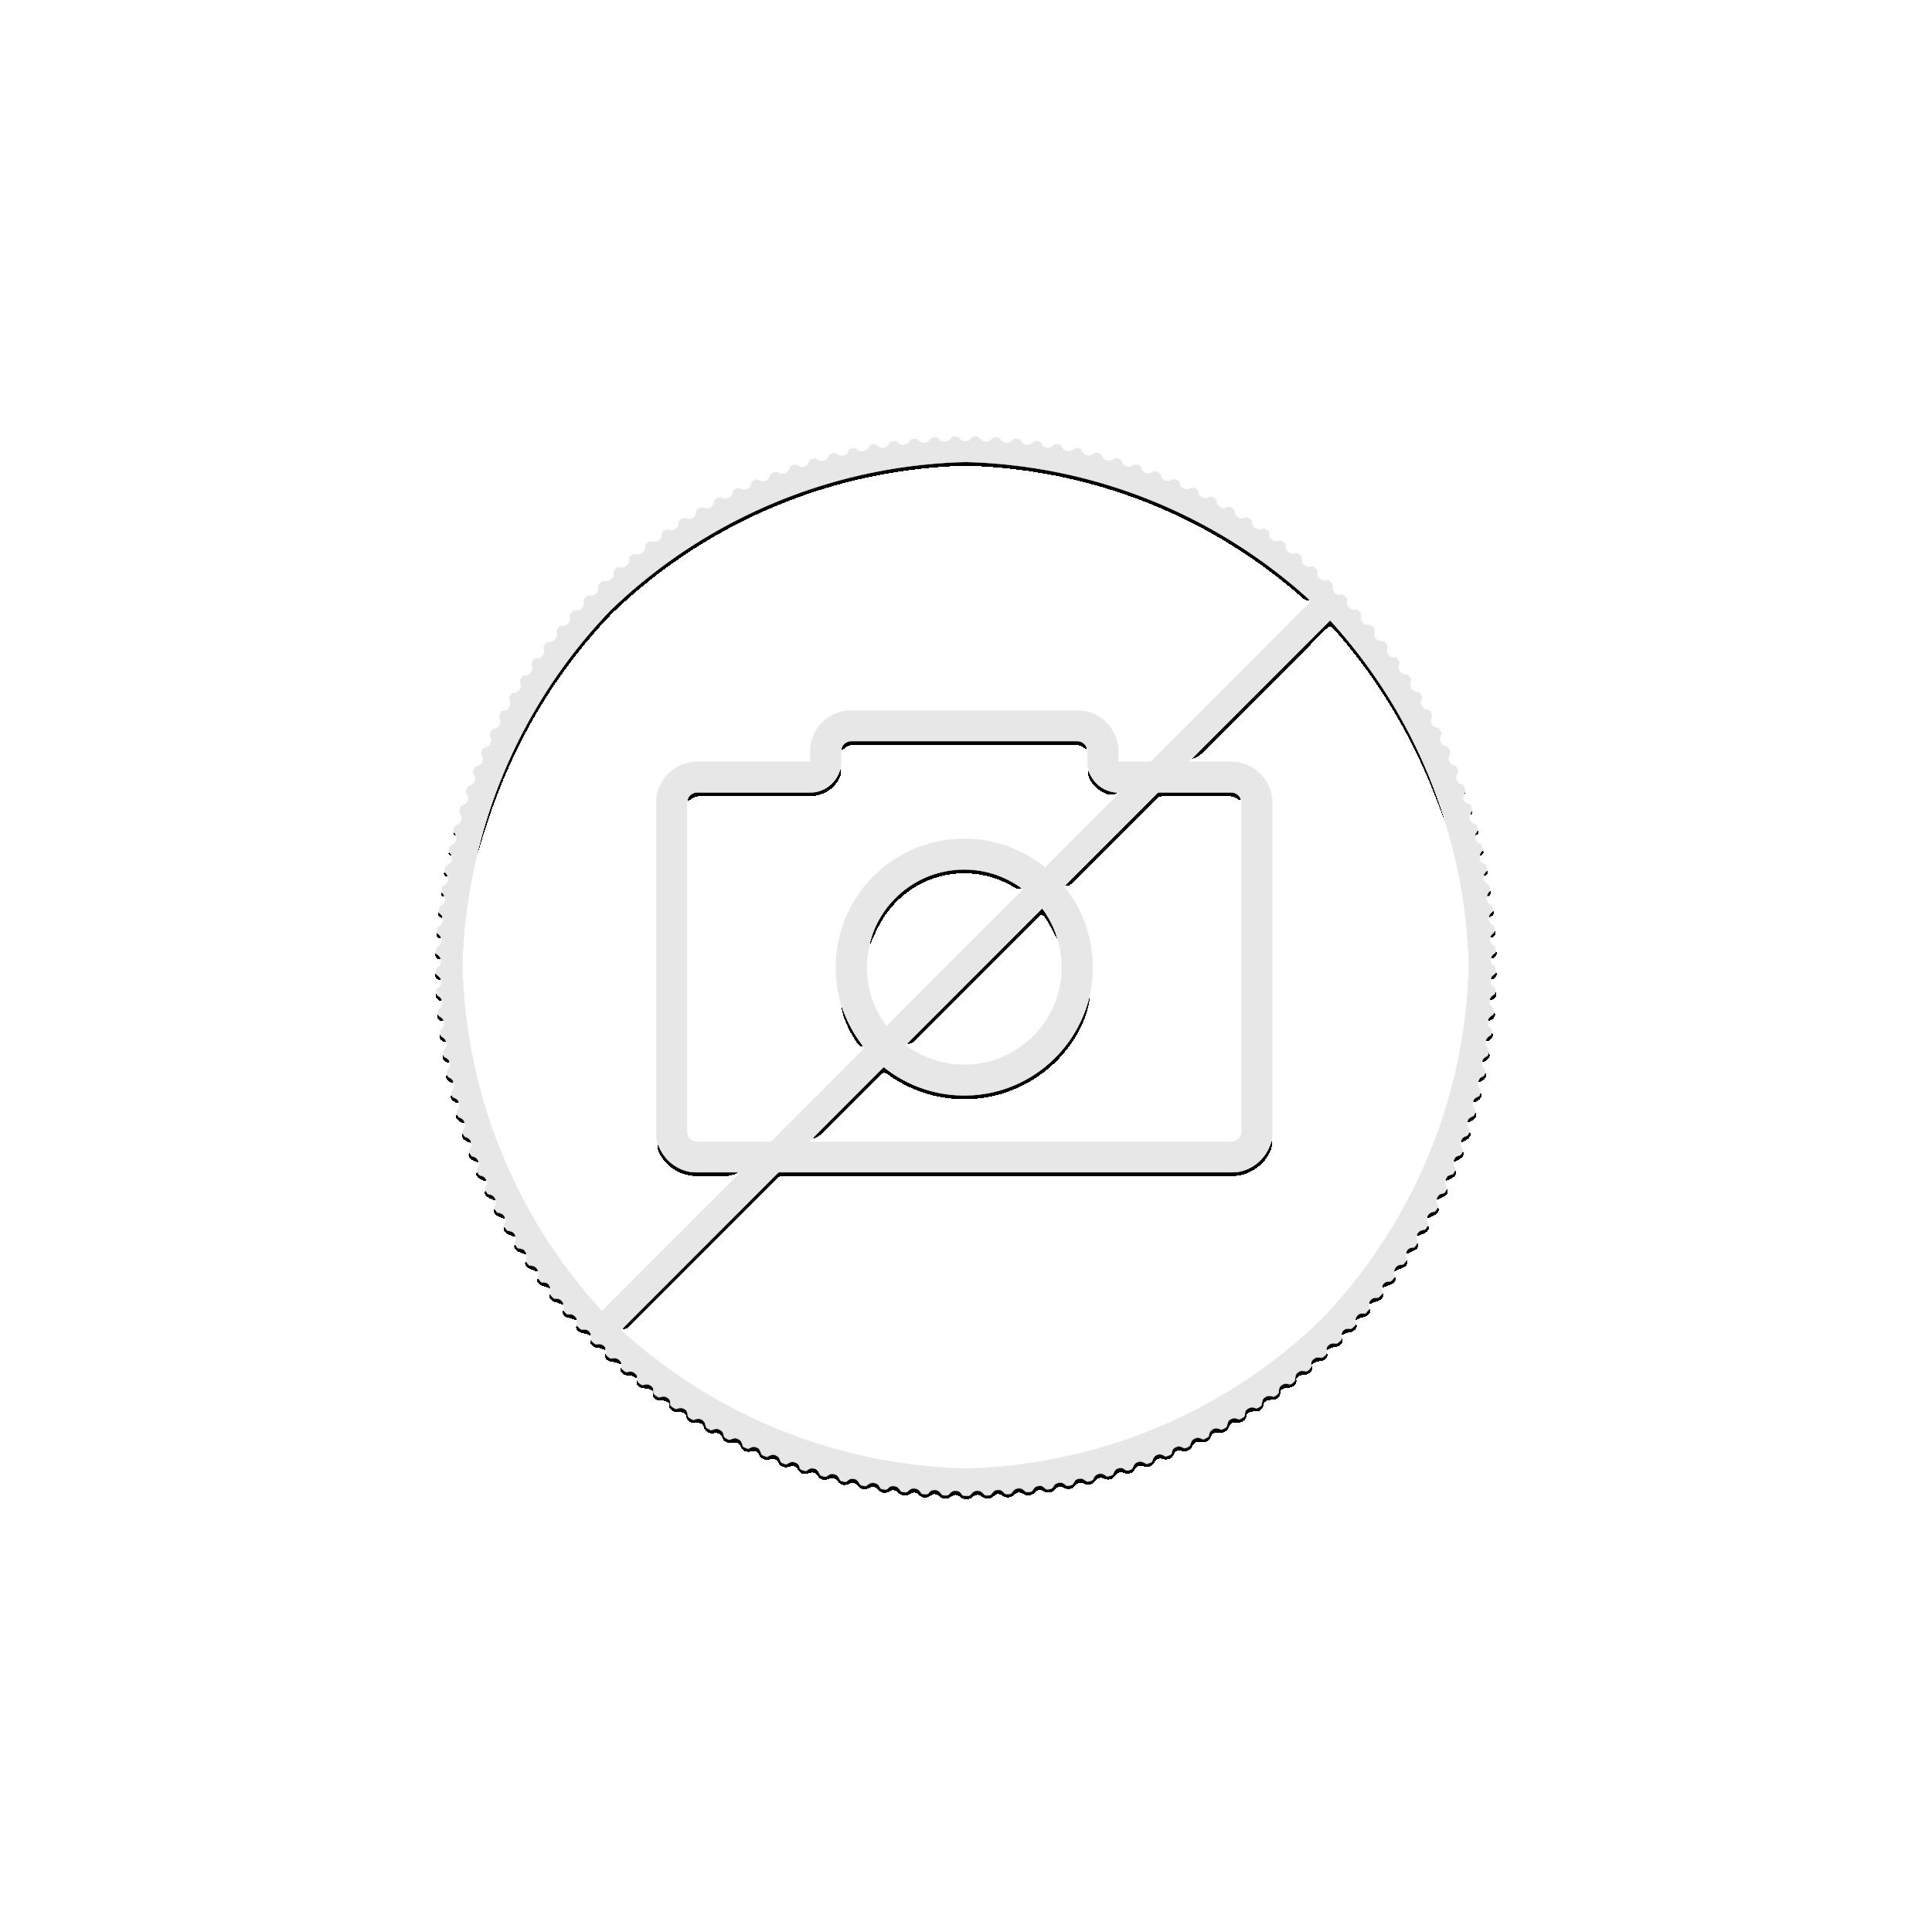 5 Kilo Cook Islands Bounty silver bar coin